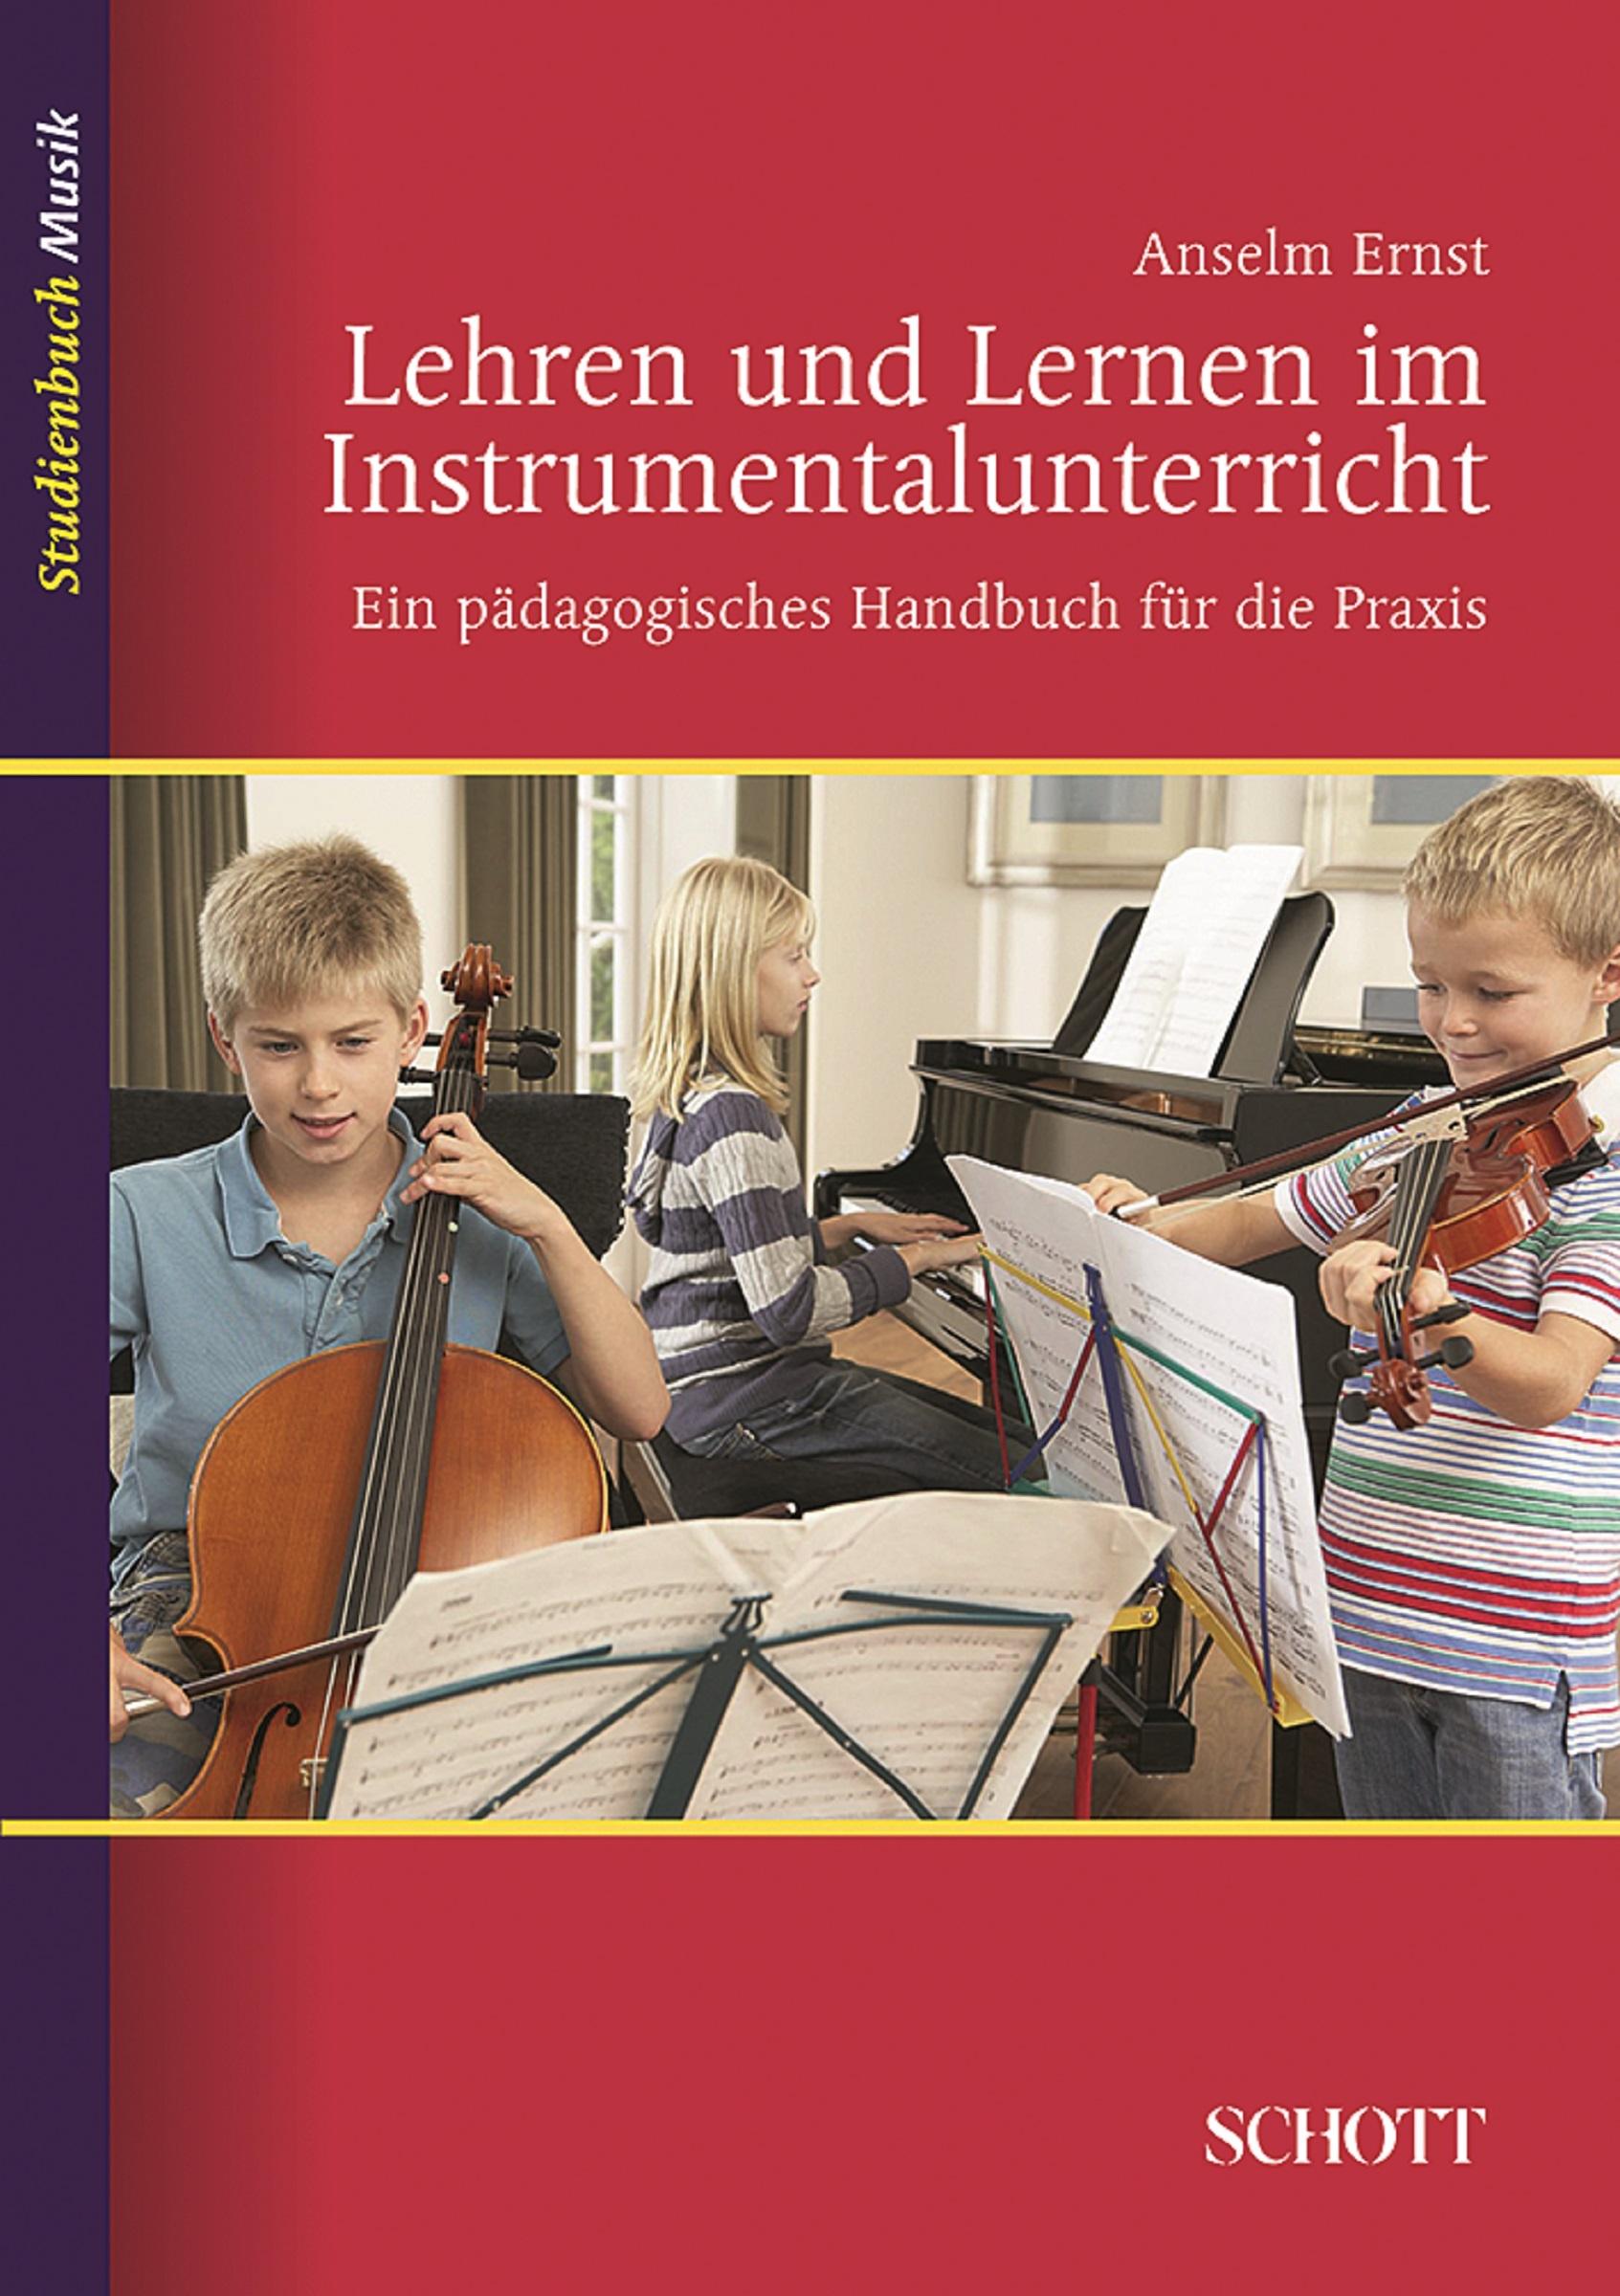 Ernst Anselm Lehren und Lernen im Instrumentalunterricht elisabeth schmolmüller lebenslanges lernen im berufsfeld der ergotherapie